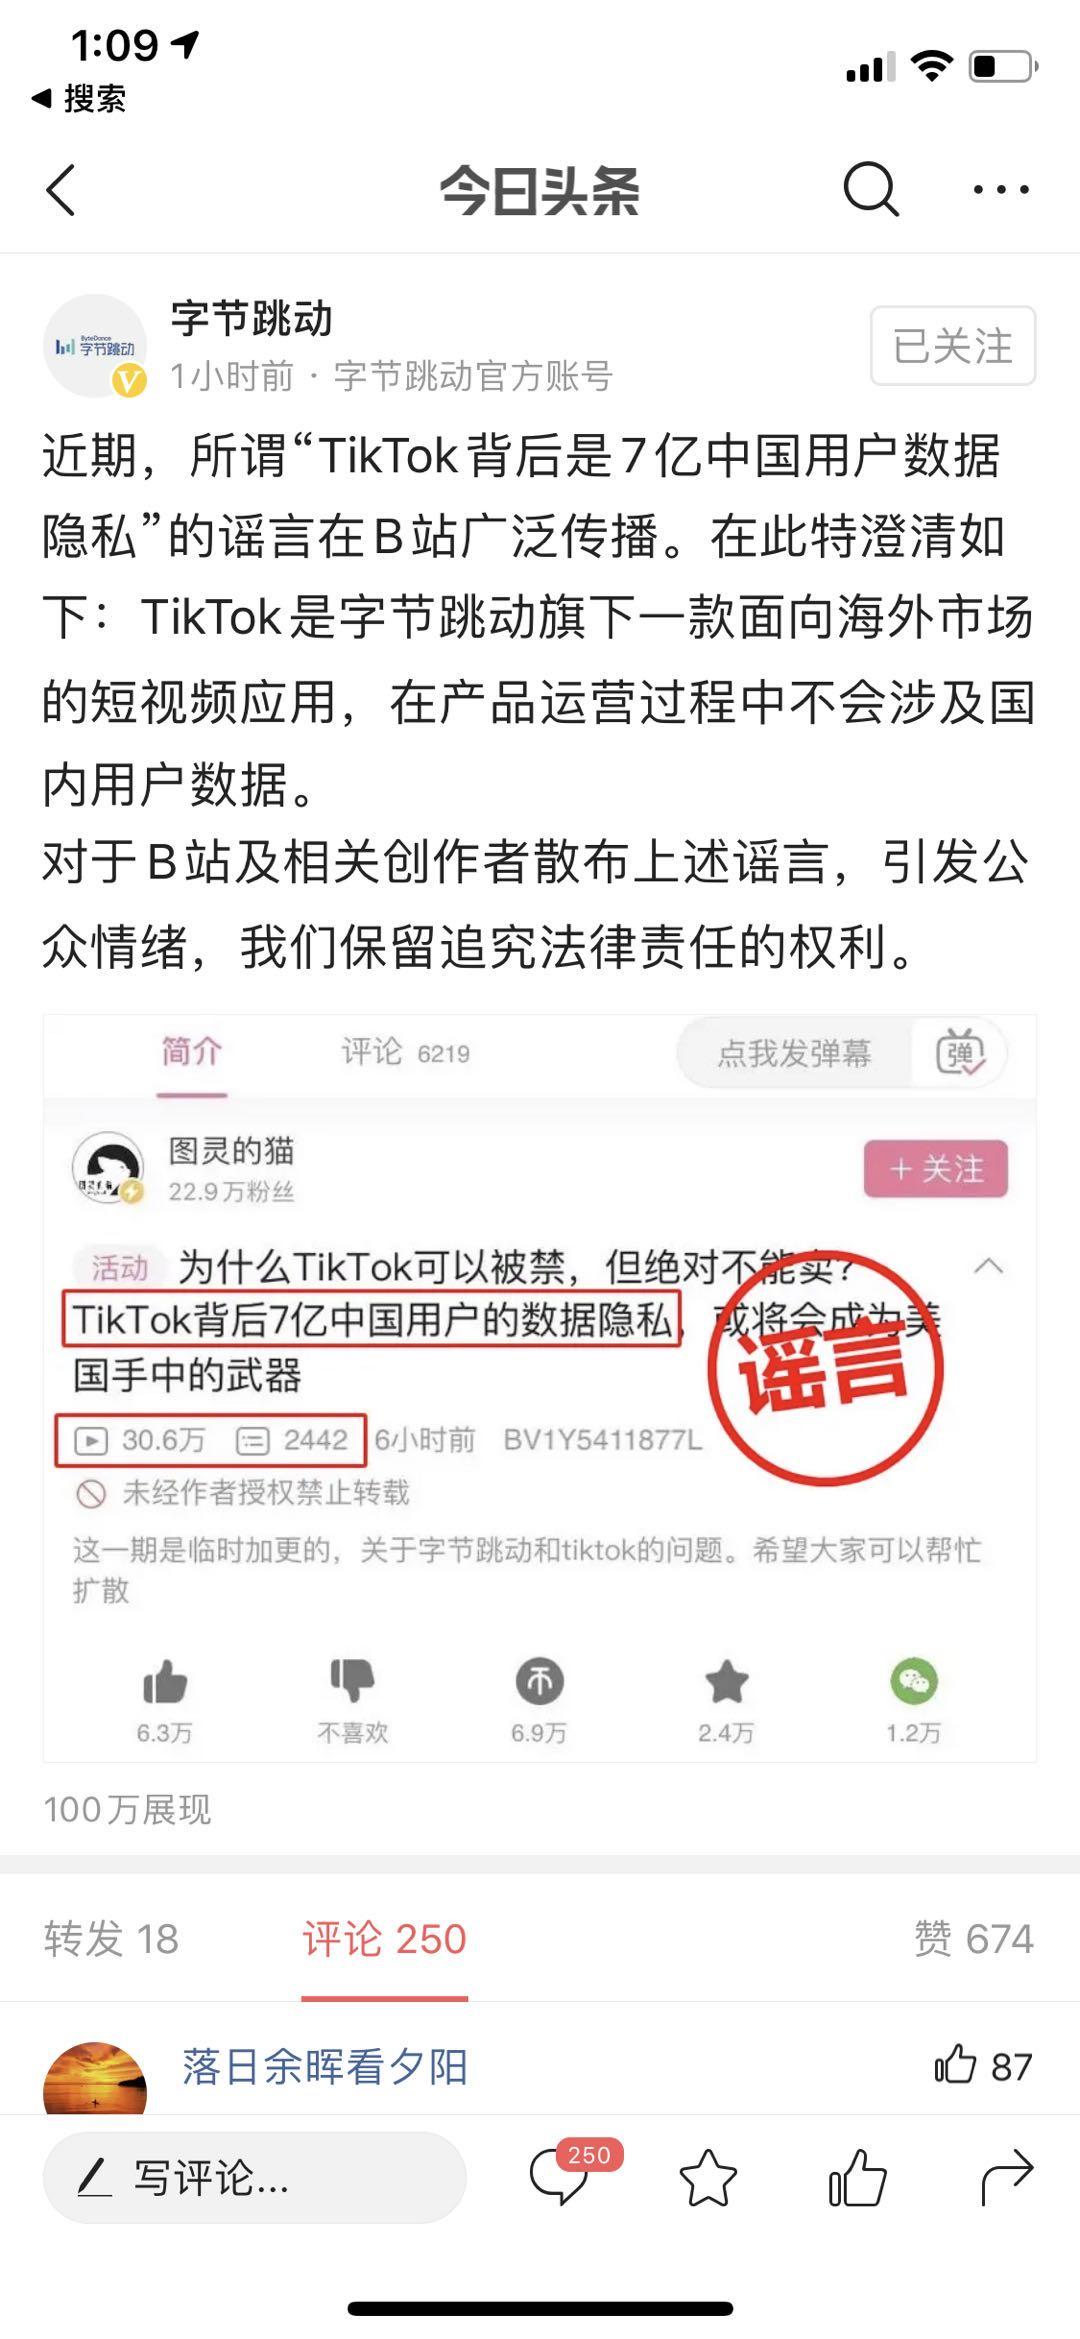 """所谓""""TikTok背后是7亿中邦用户数据隐私""""的谣言正在B站寻常散布2021年4月25日"""